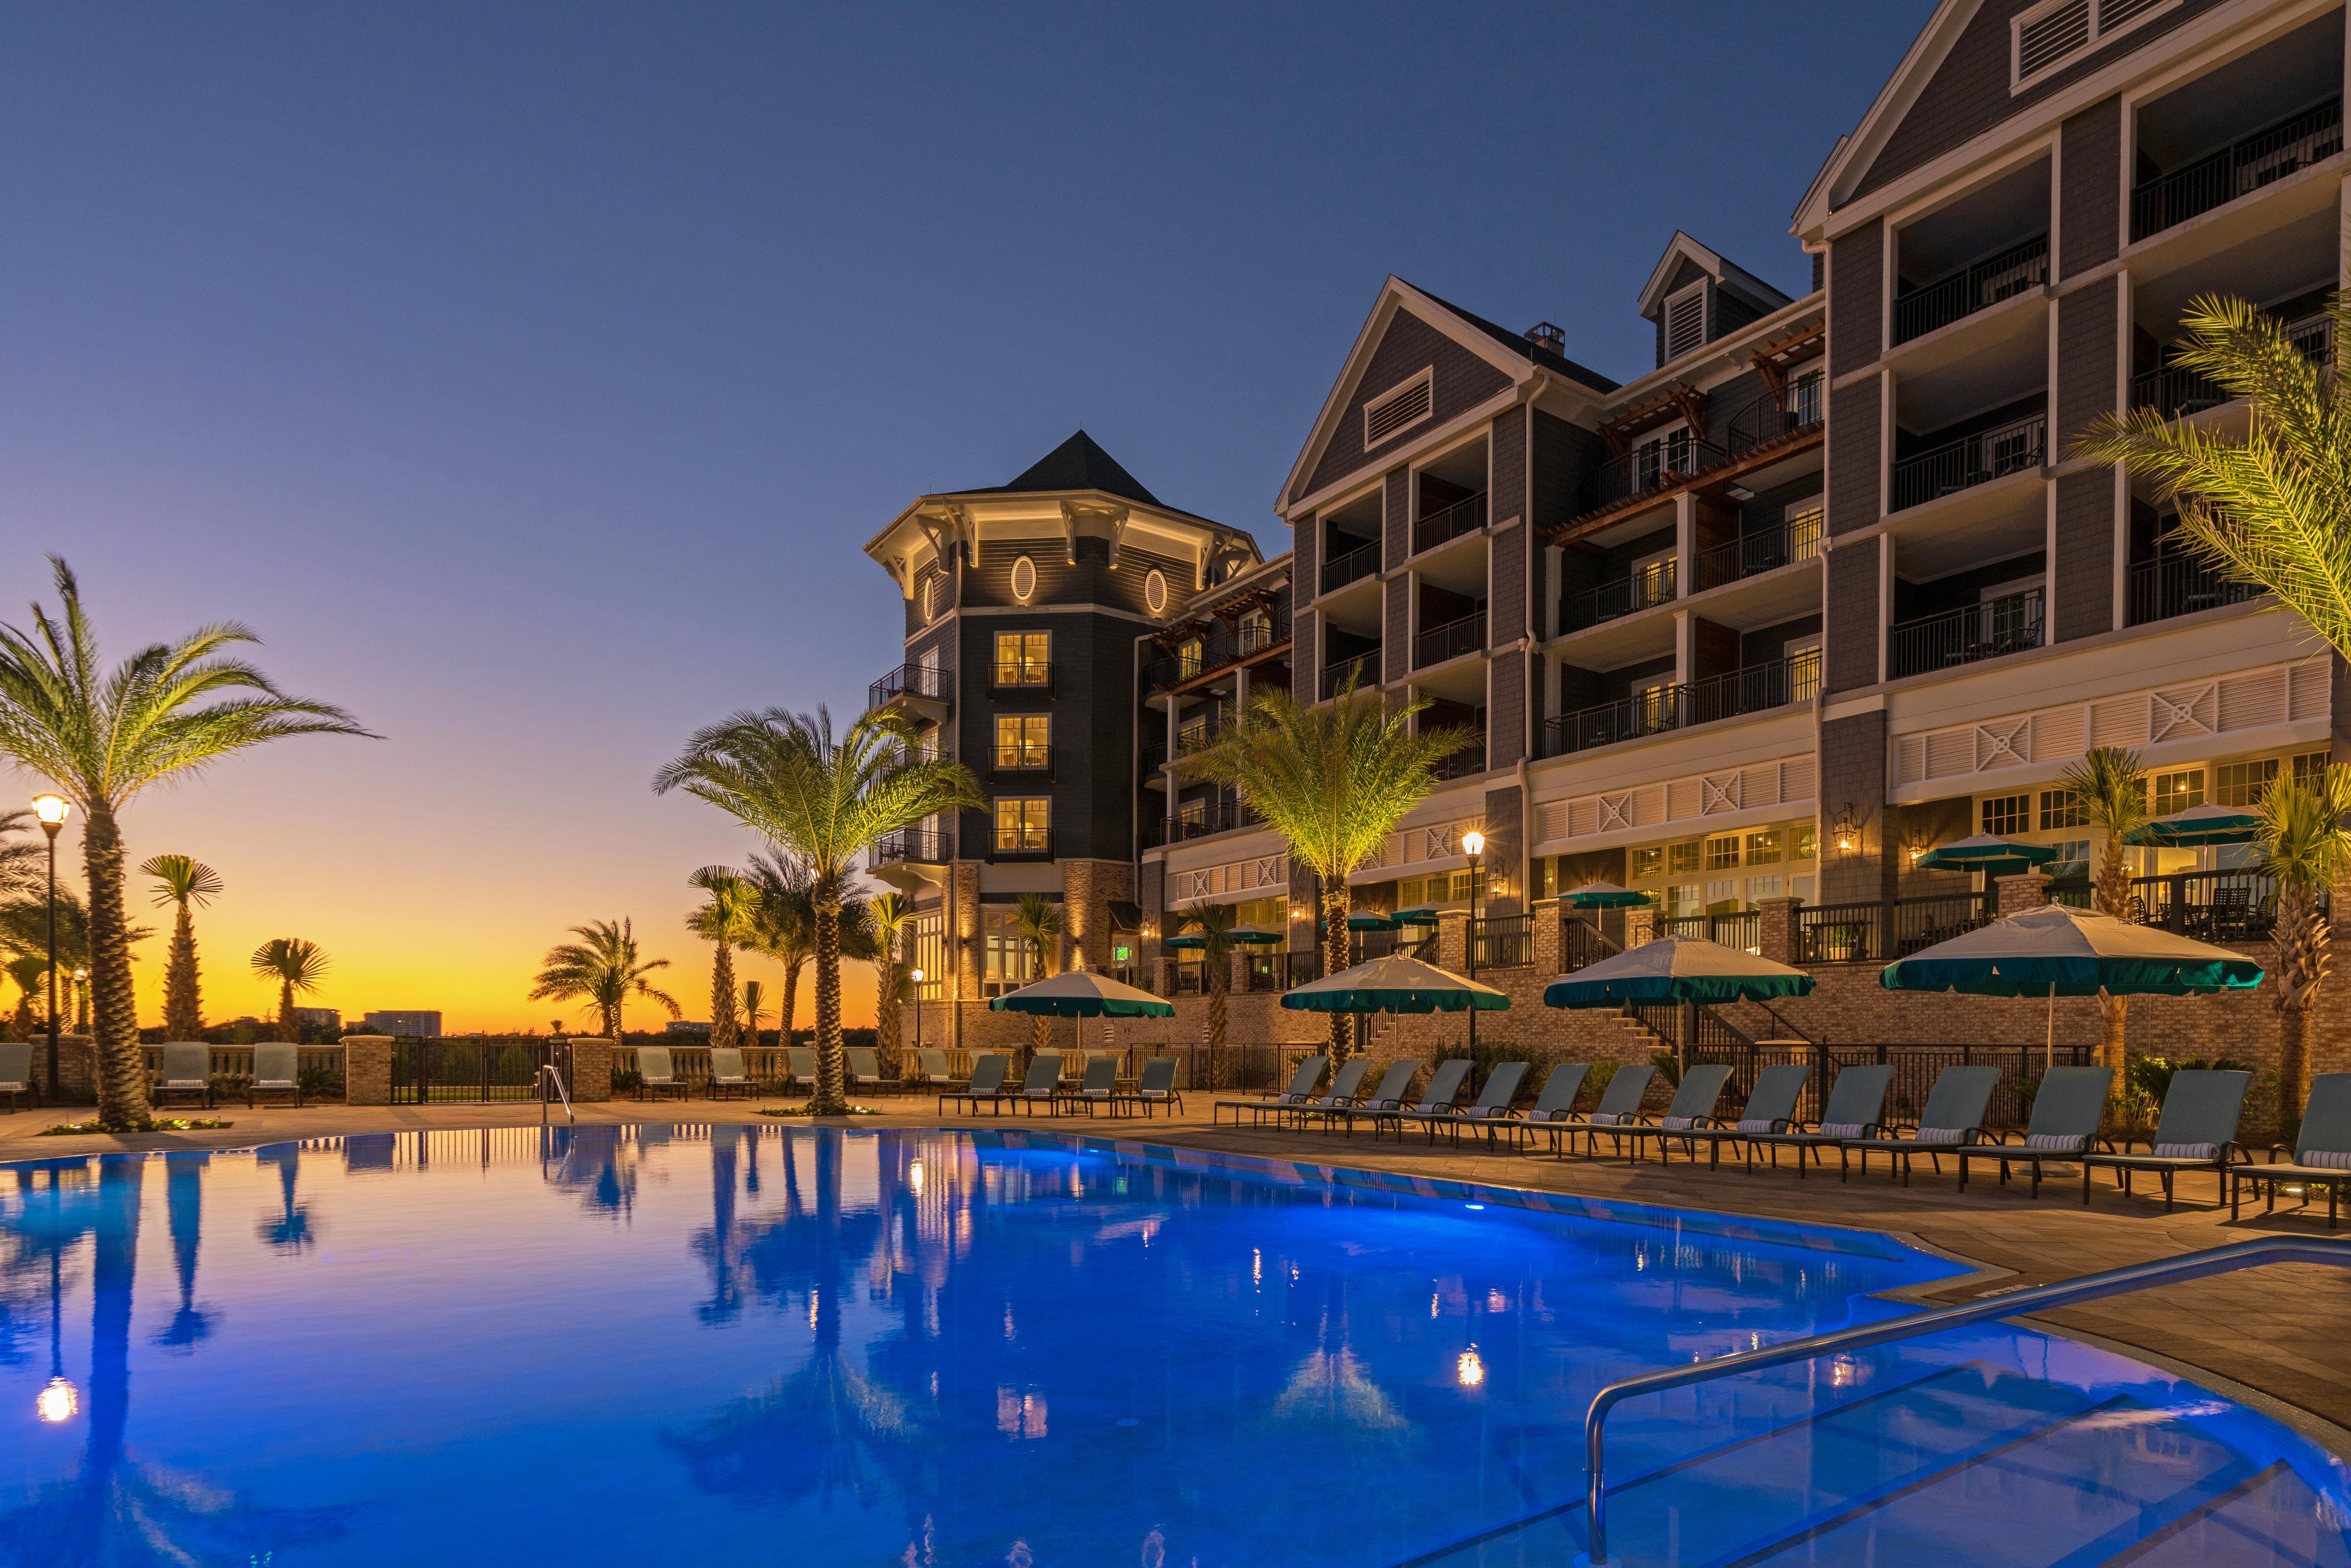 Pool Evening Angle